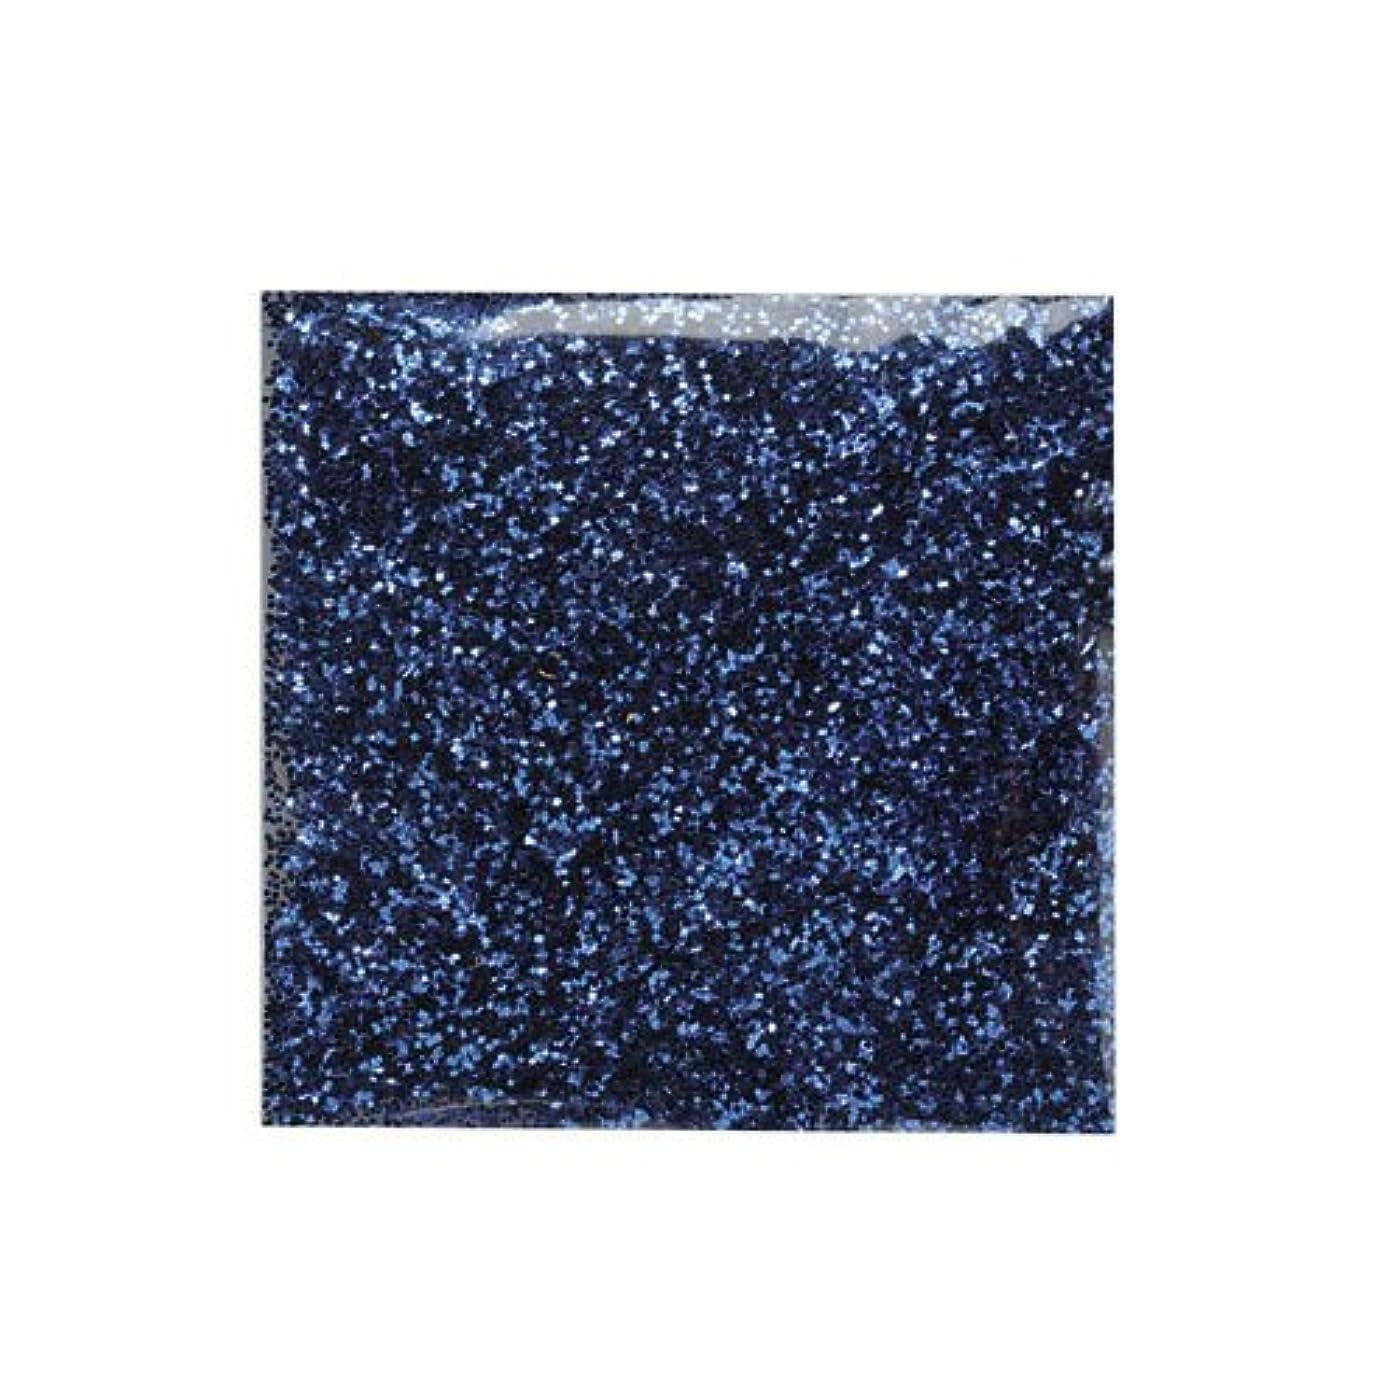 トン迷彩責任ピカエース ネイル用パウダー ピカエース ラメメタリック M #536 ブルー 2g アート材